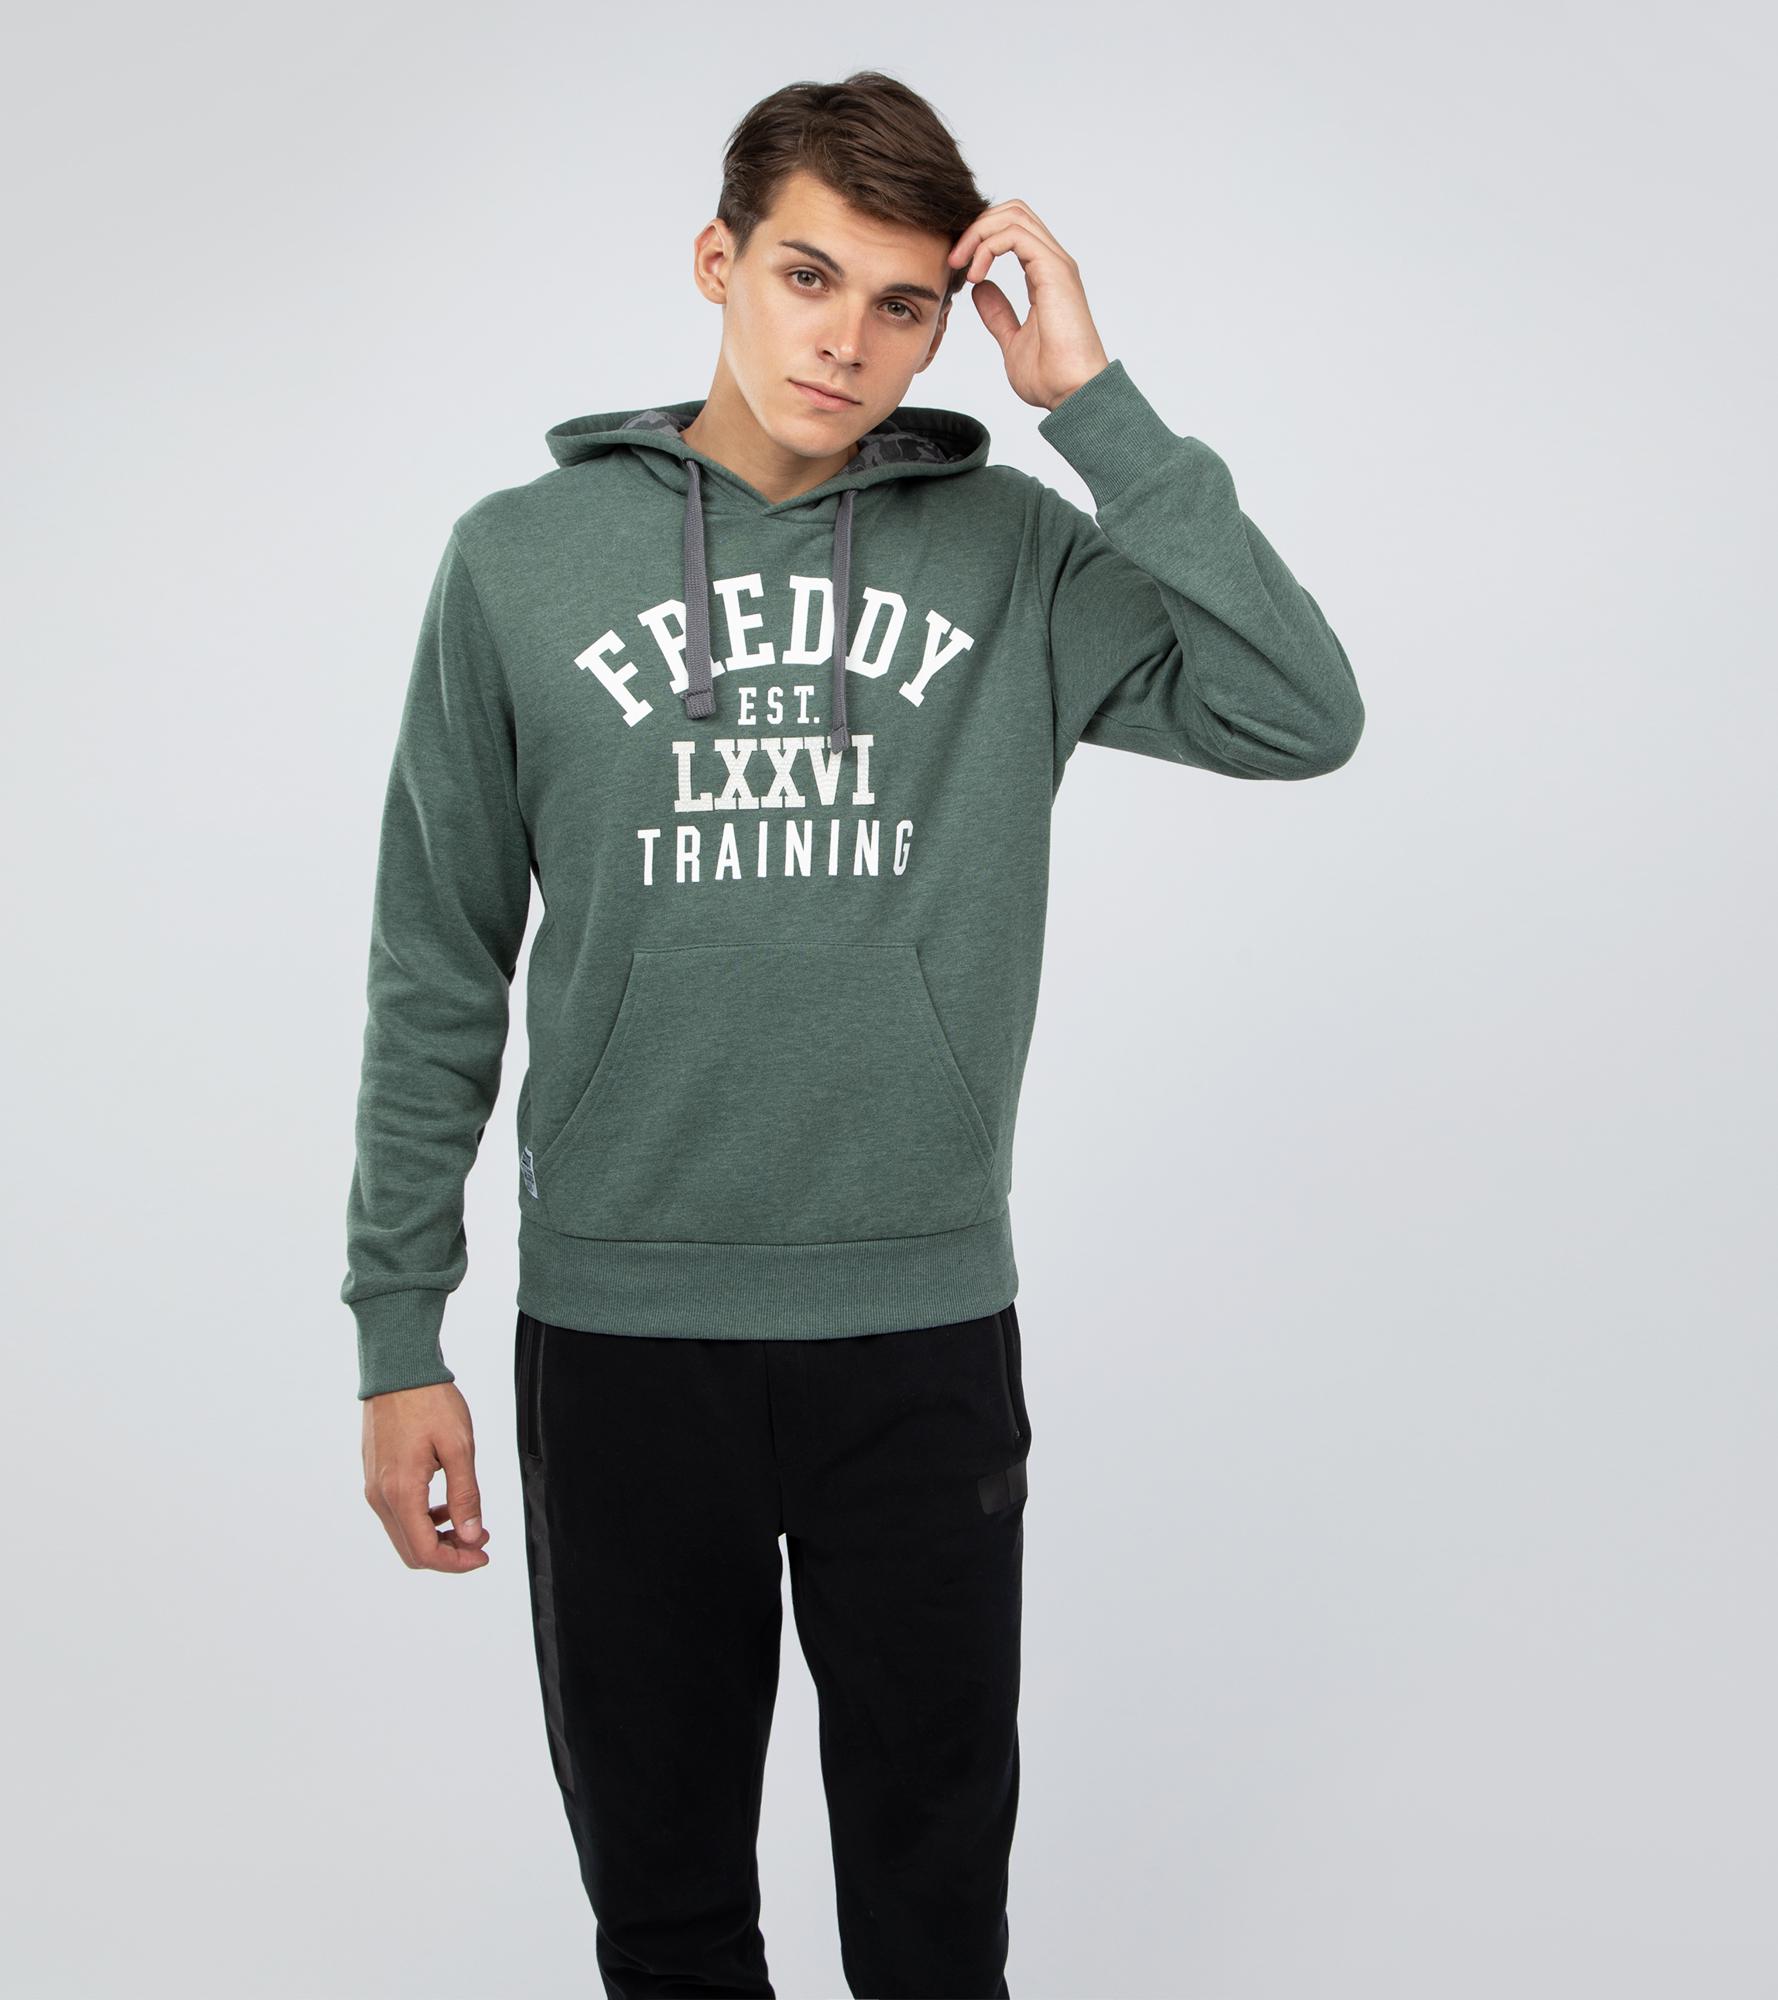 купить Freddy Худи мужская Freddy, размер 52-54 онлайн